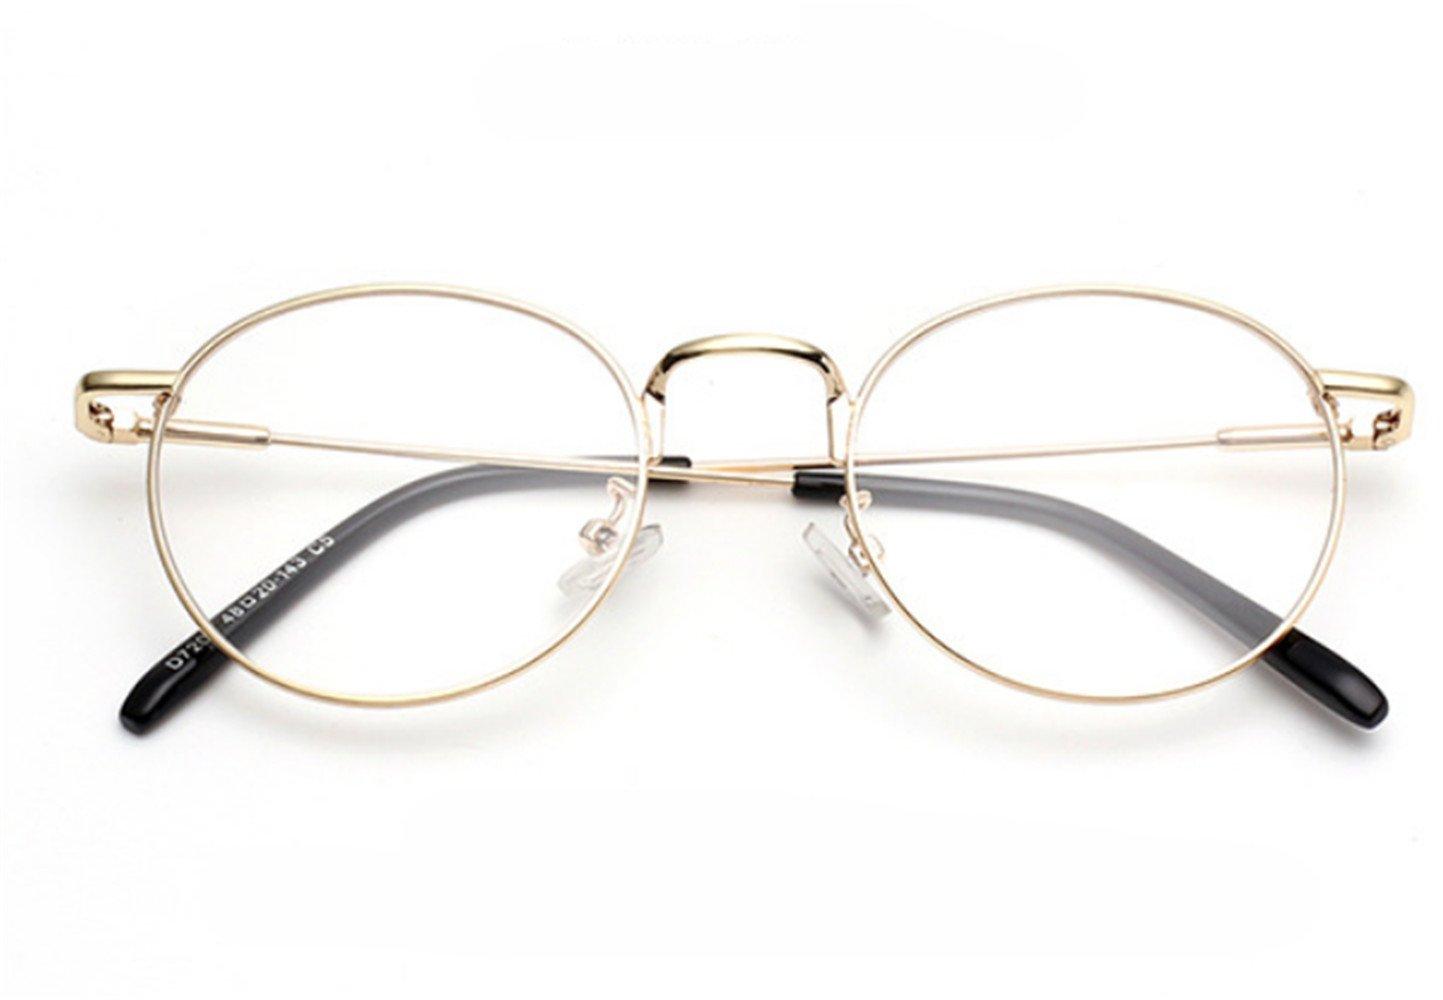 Gafas transparentes redondas doradas